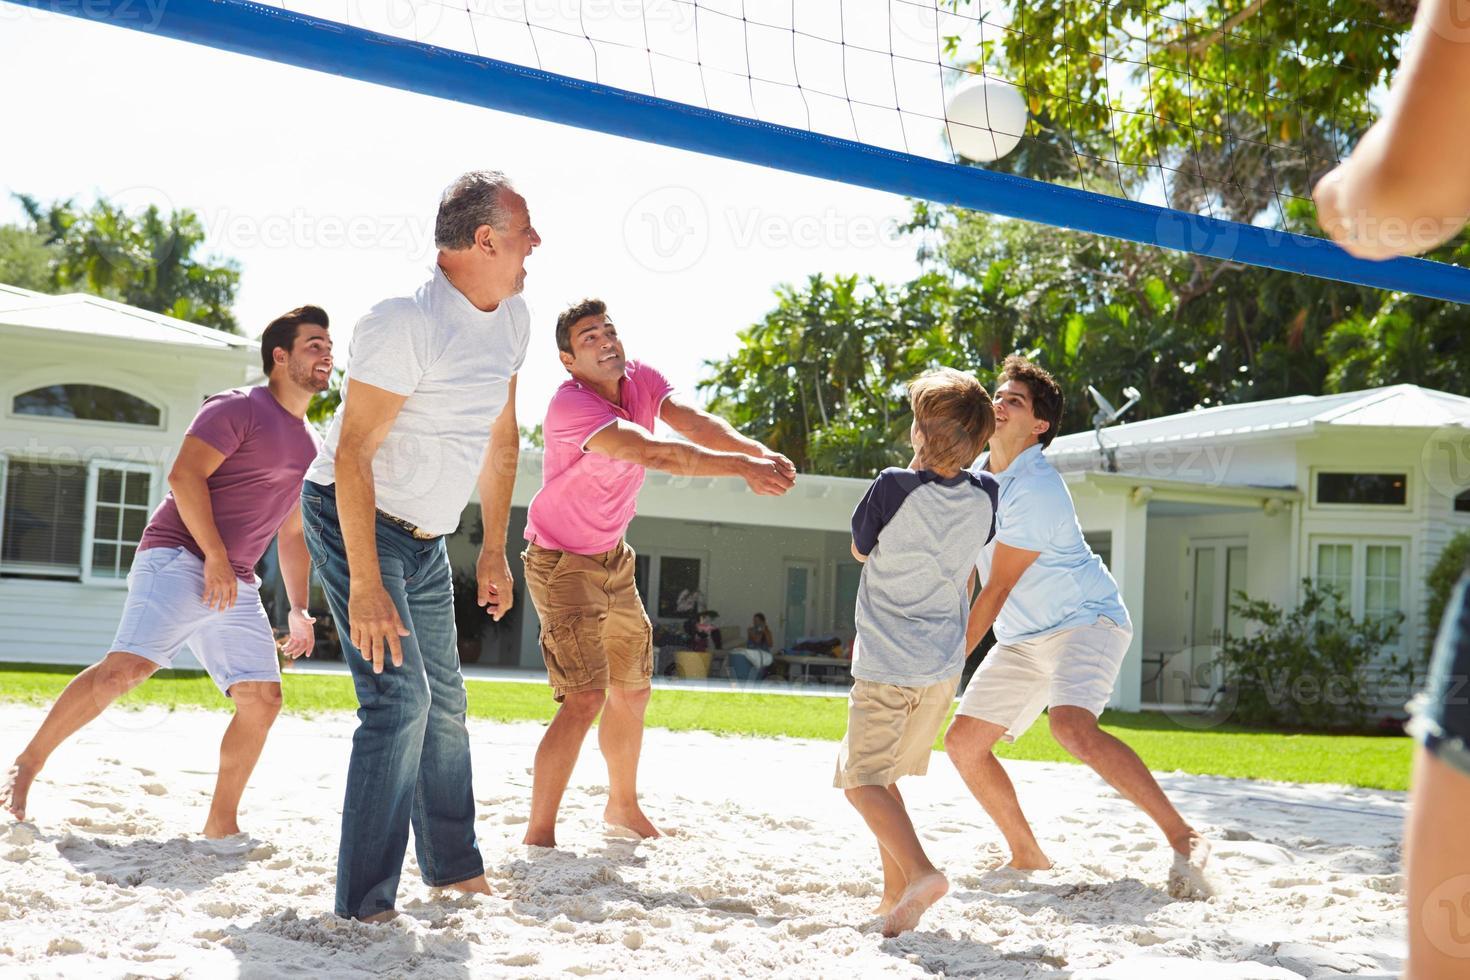 Familia multigeneración masculina jugando voleibol en el jardín foto